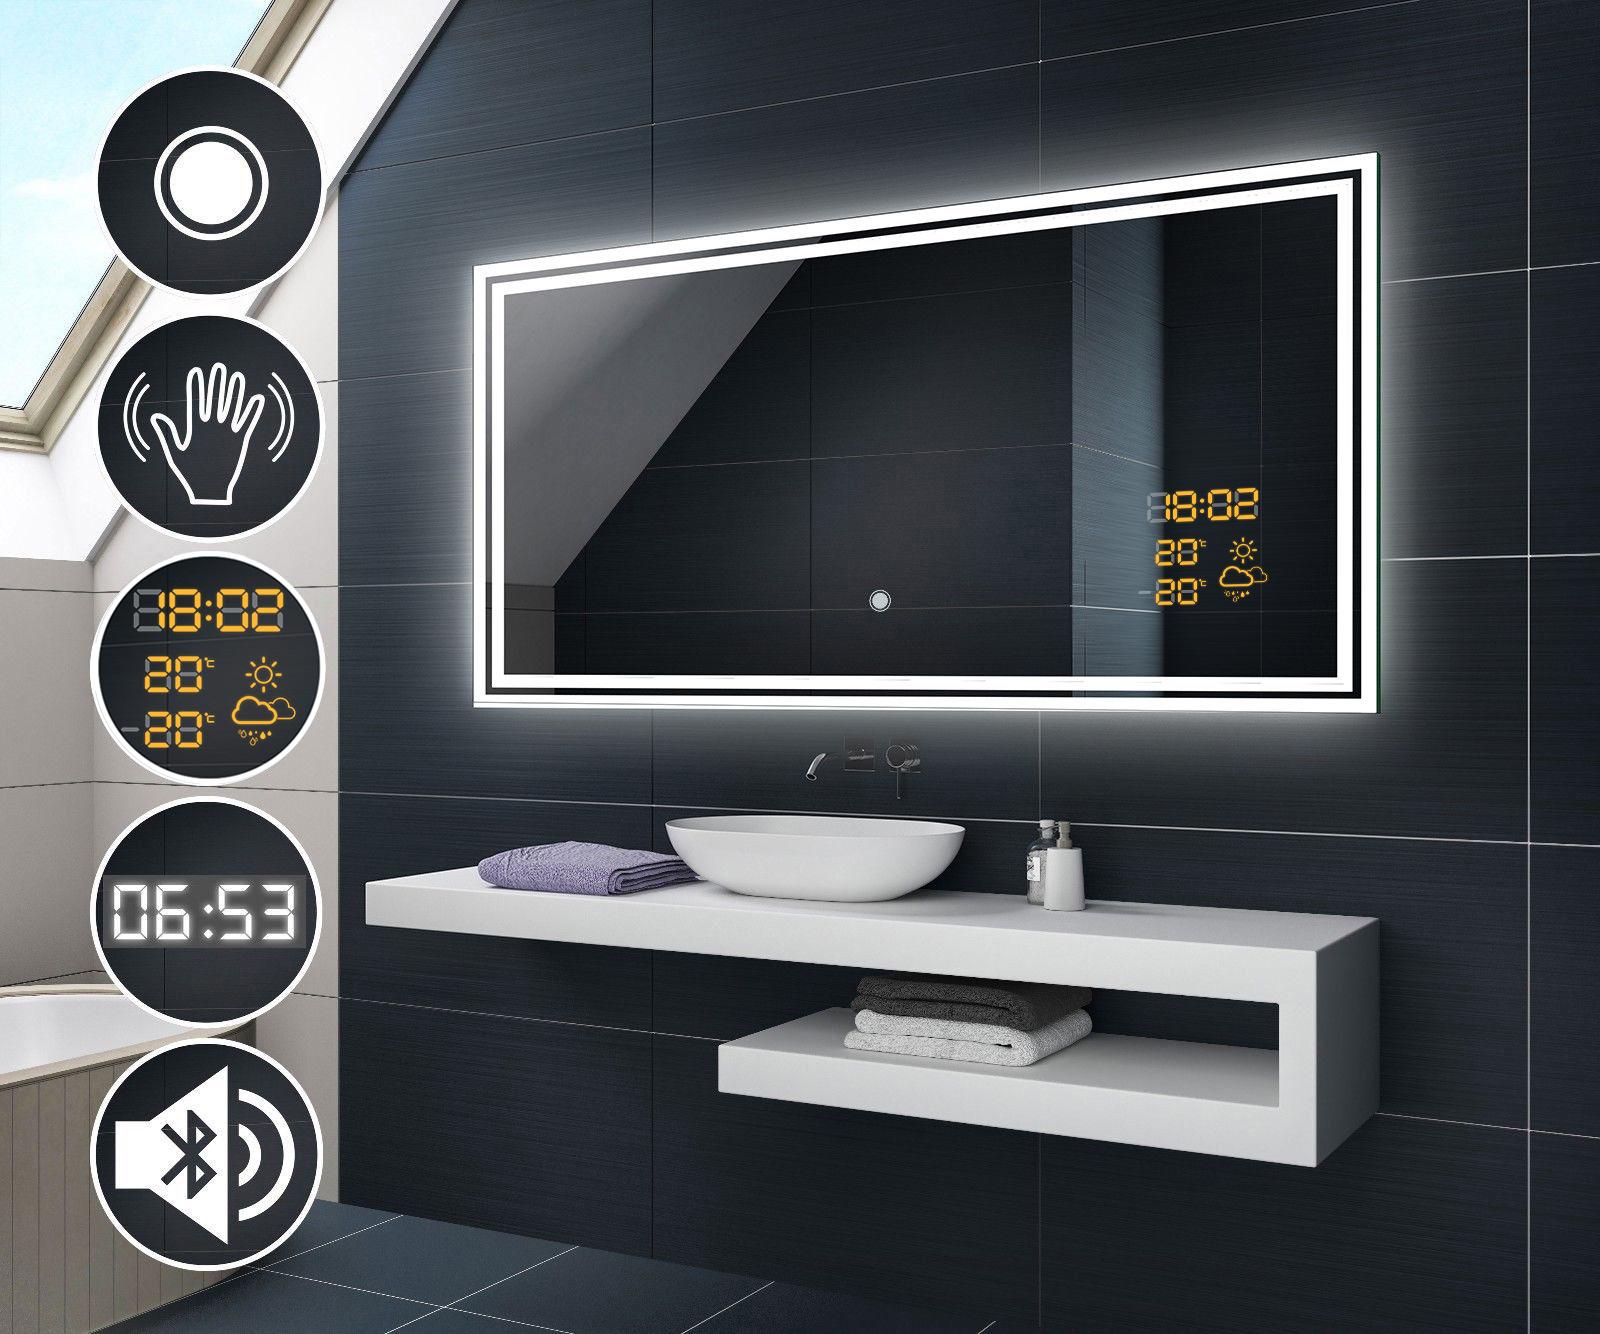 badspiegel mit led beleuchtung wetterstation s2. Black Bedroom Furniture Sets. Home Design Ideas